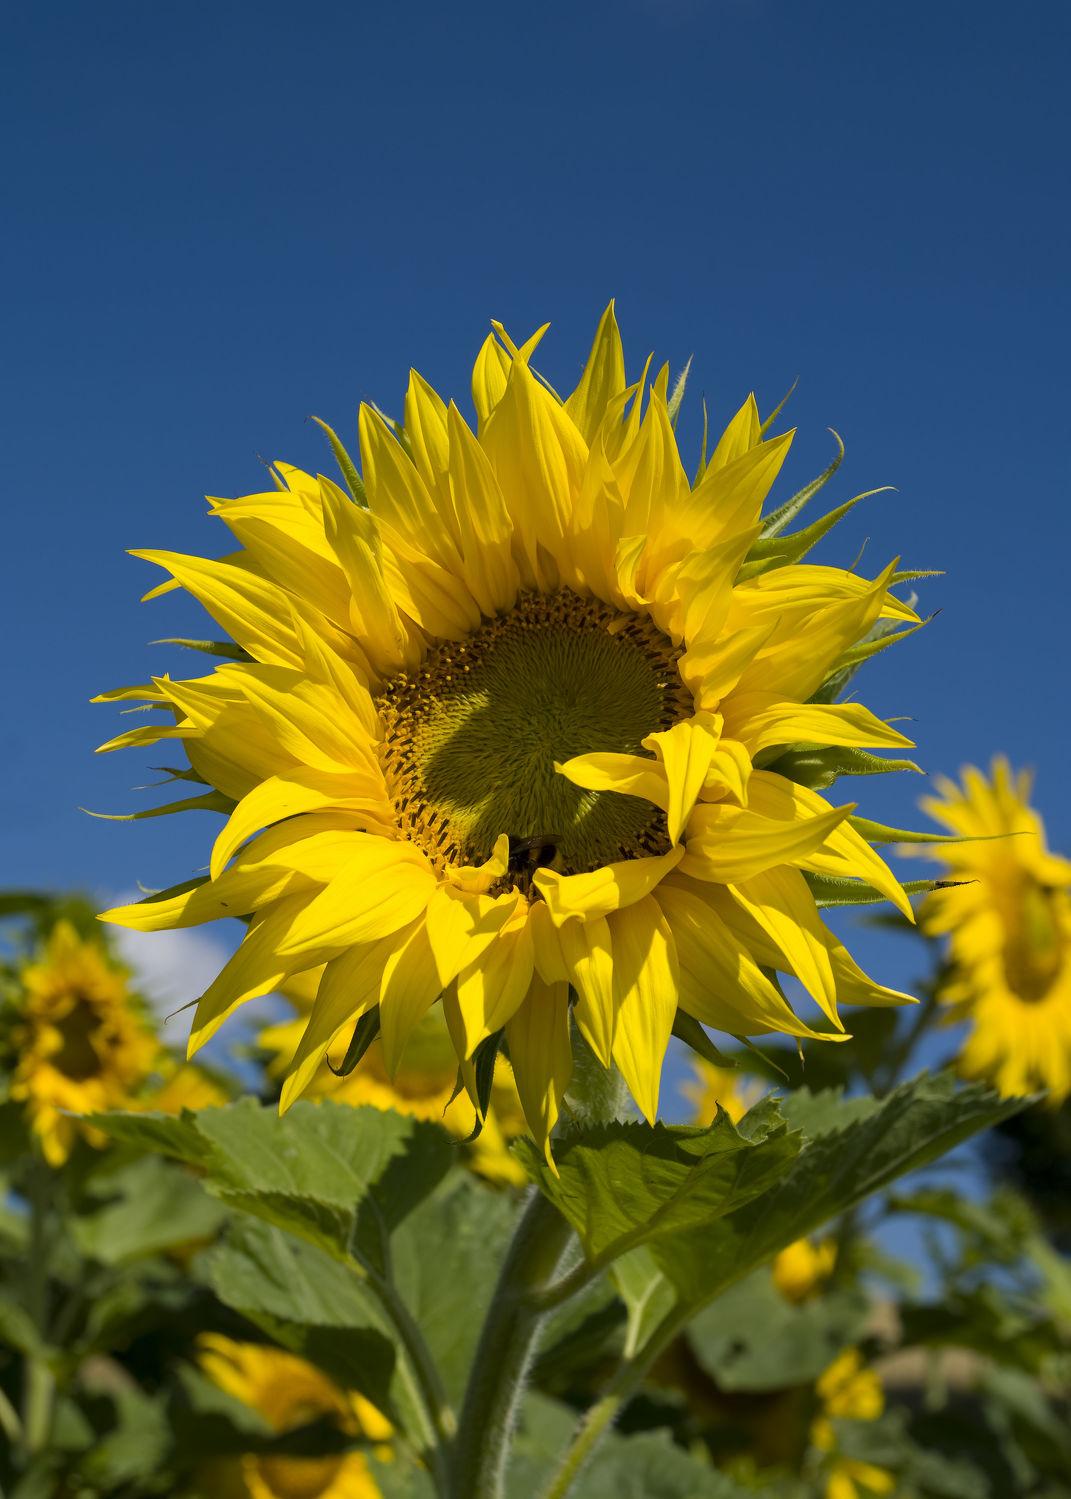 Bild mit Pflanzen, Blumen, Sonnenblumen, Blume, Pflanze, Sonnenblume, Blüten, blüte